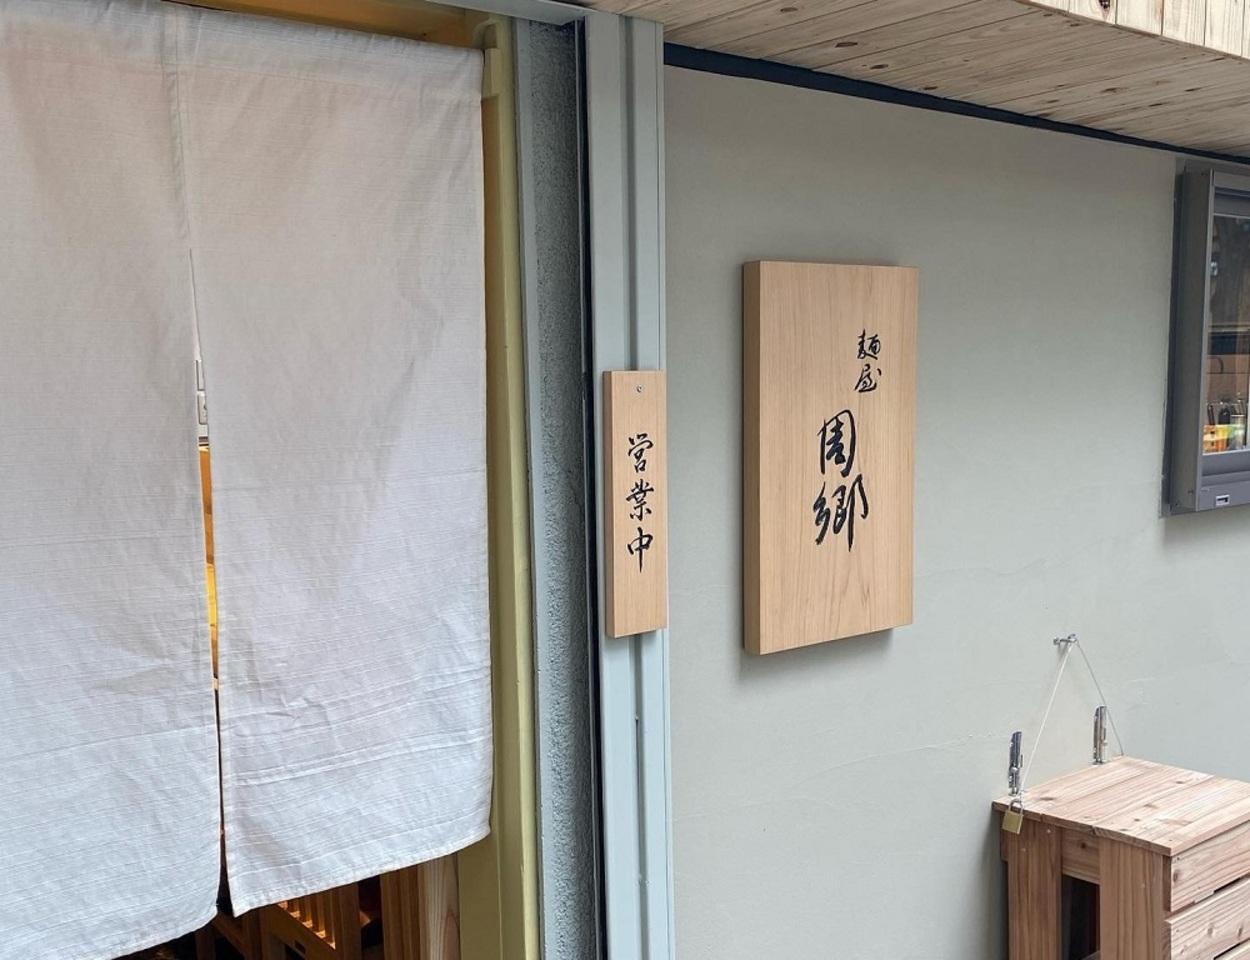 東京都港区新橋4丁目につけ麺専門店「麺屋周郷」が本日オープンのようです。